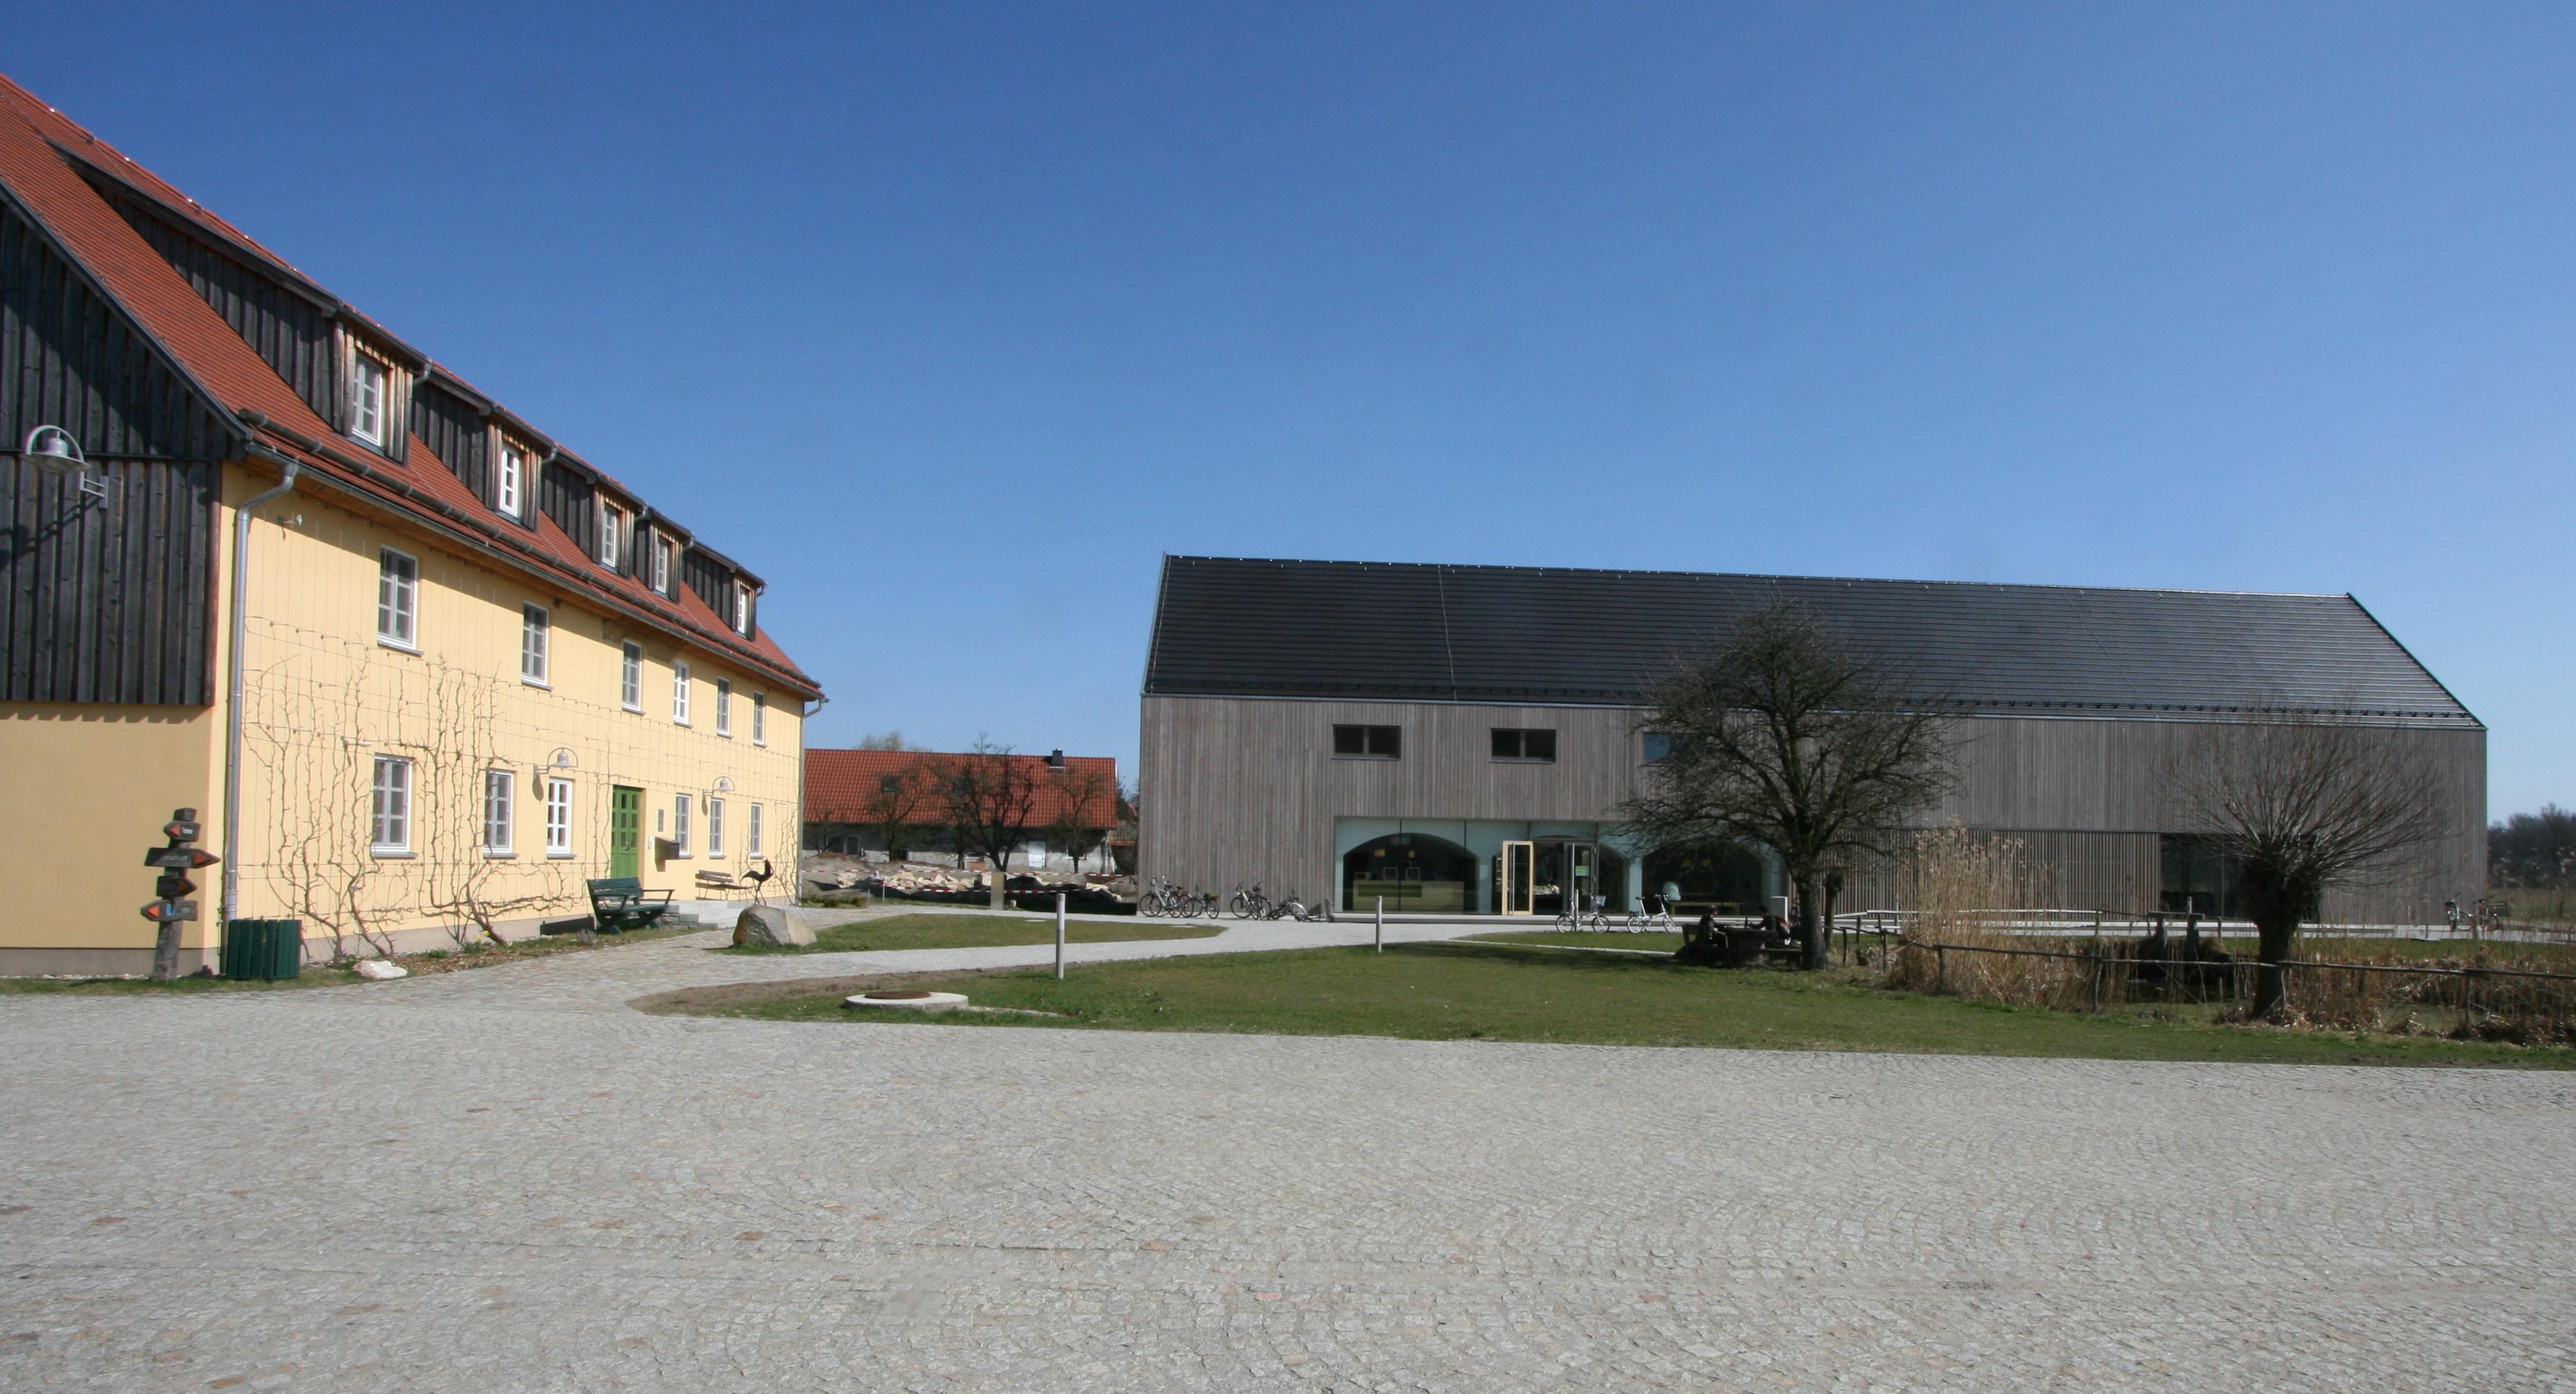 Gemütlich Gebäude Superintendent Setzt Fort Fotos - Beispiel ...